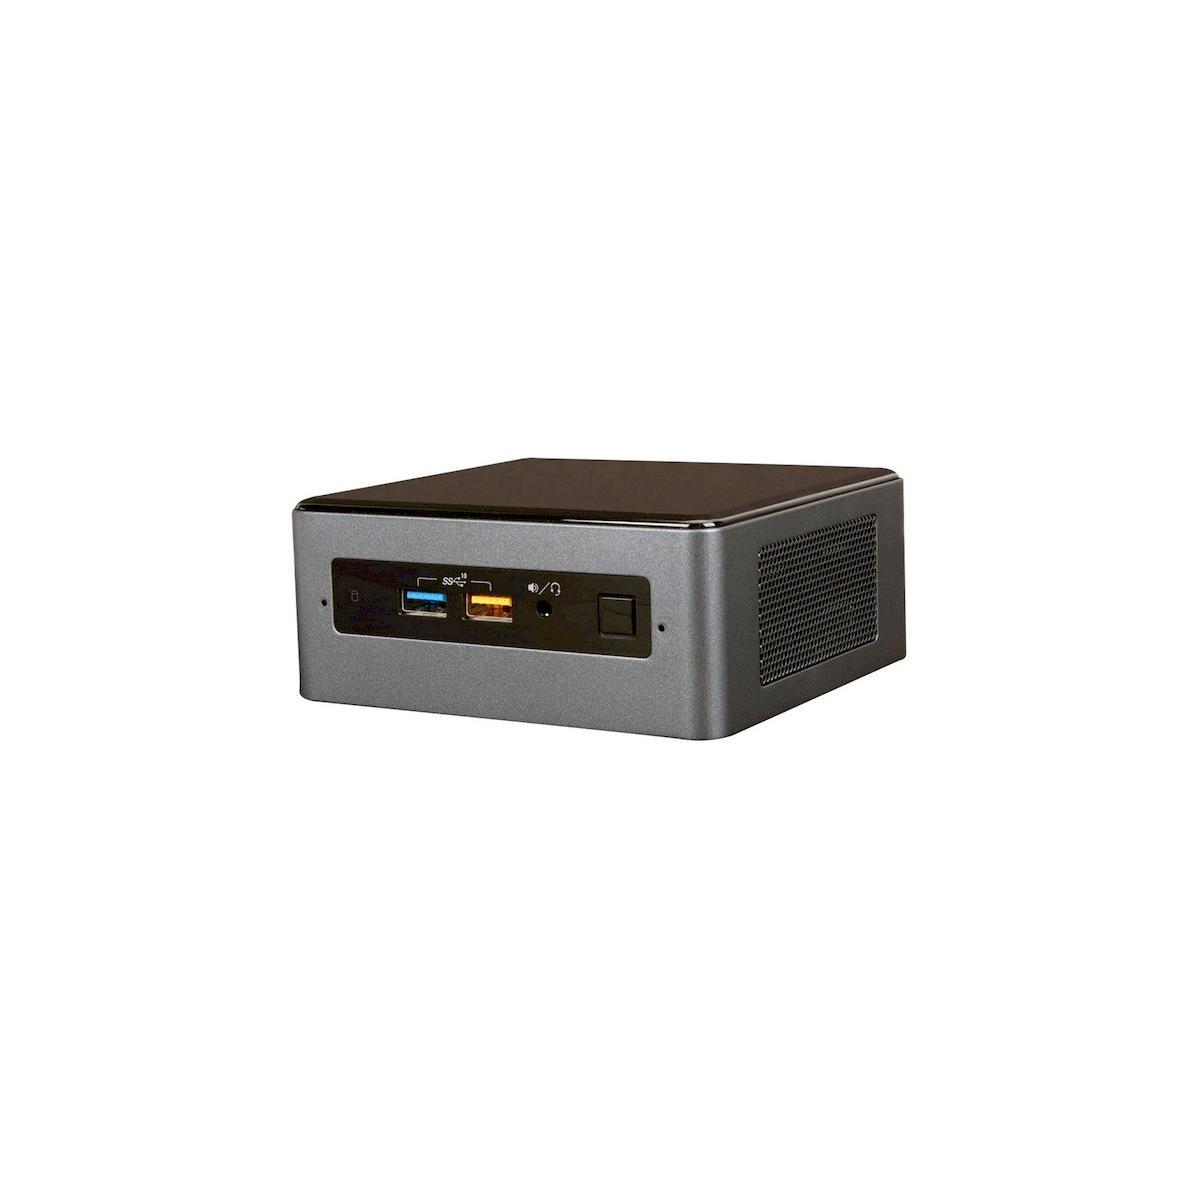 Support Intel Nuc 8I7Beh Im Test - Wyomingvalleysportshot